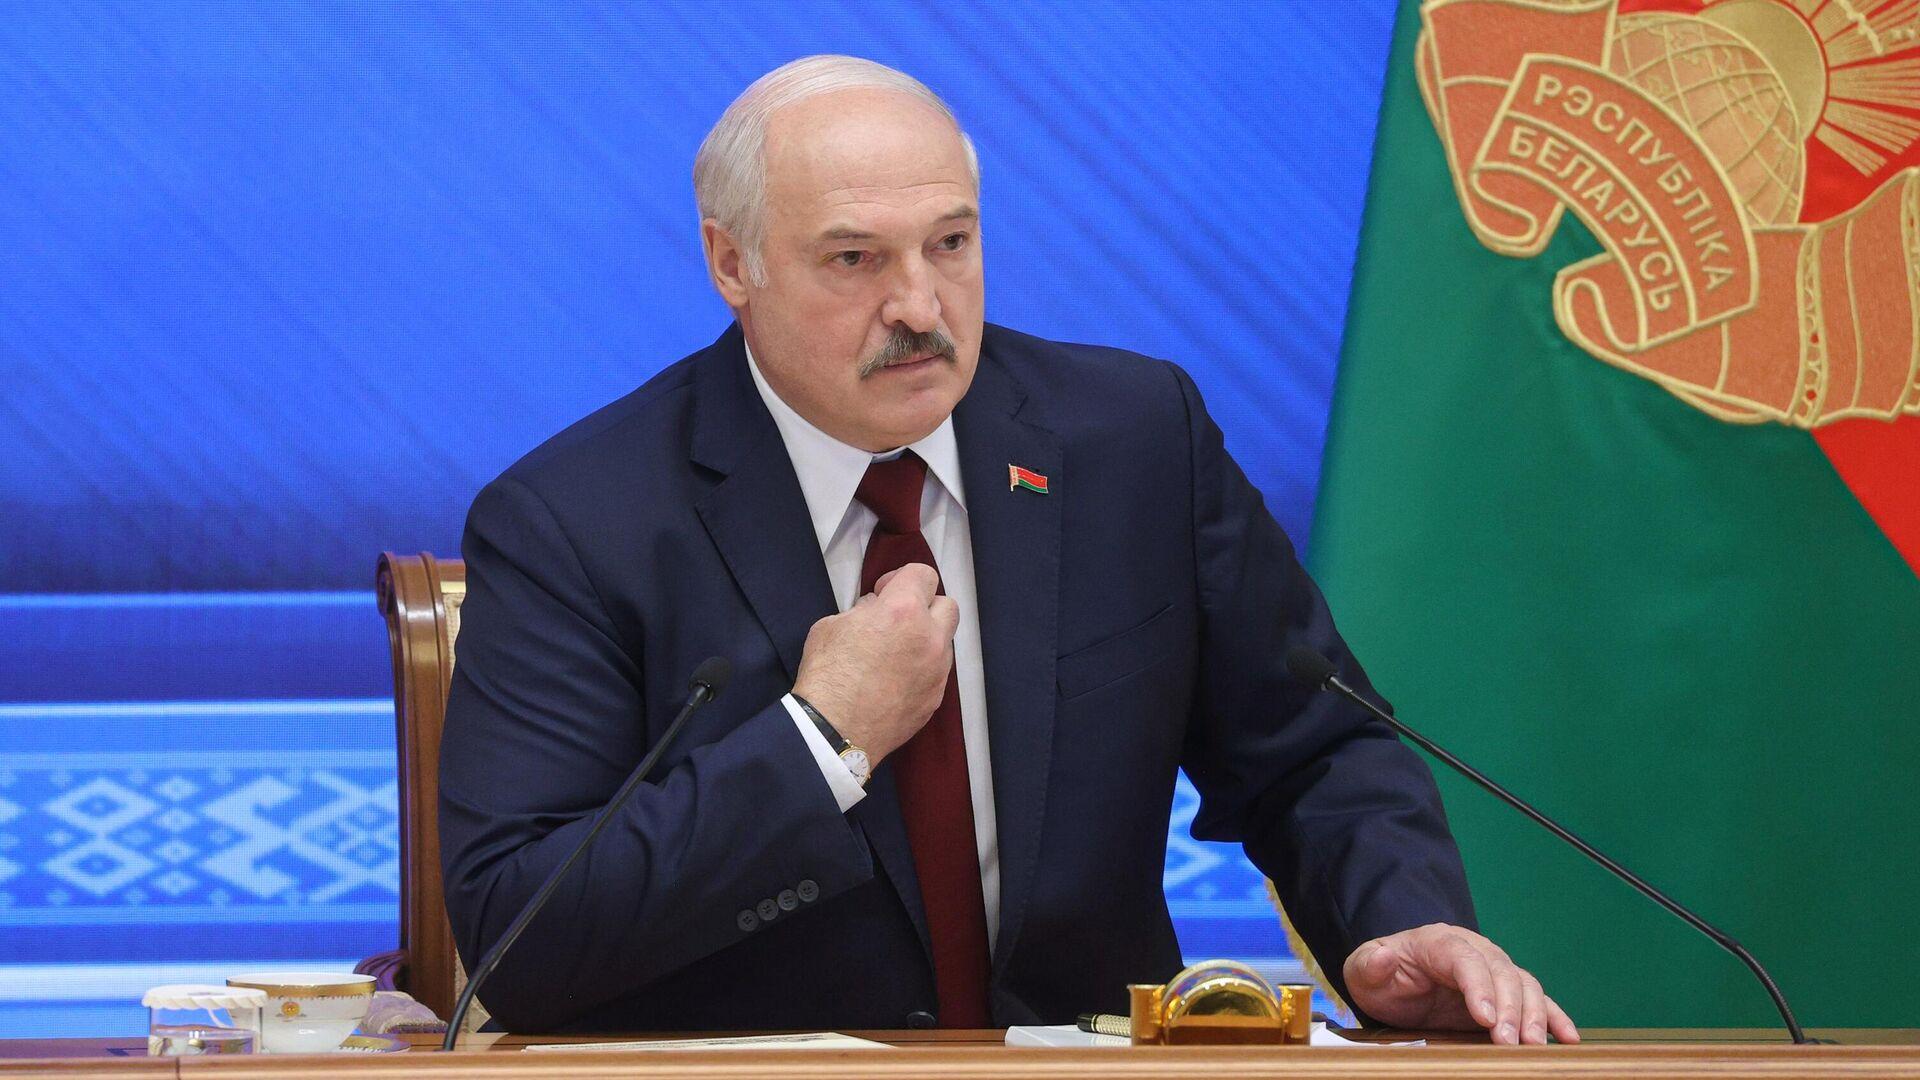 Президент Белоруссии Александр Лукашенко во время встречи с журналистами, представителями общественности, экспертного и медийного сообщества - РИА Новости, 1920, 27.09.2021